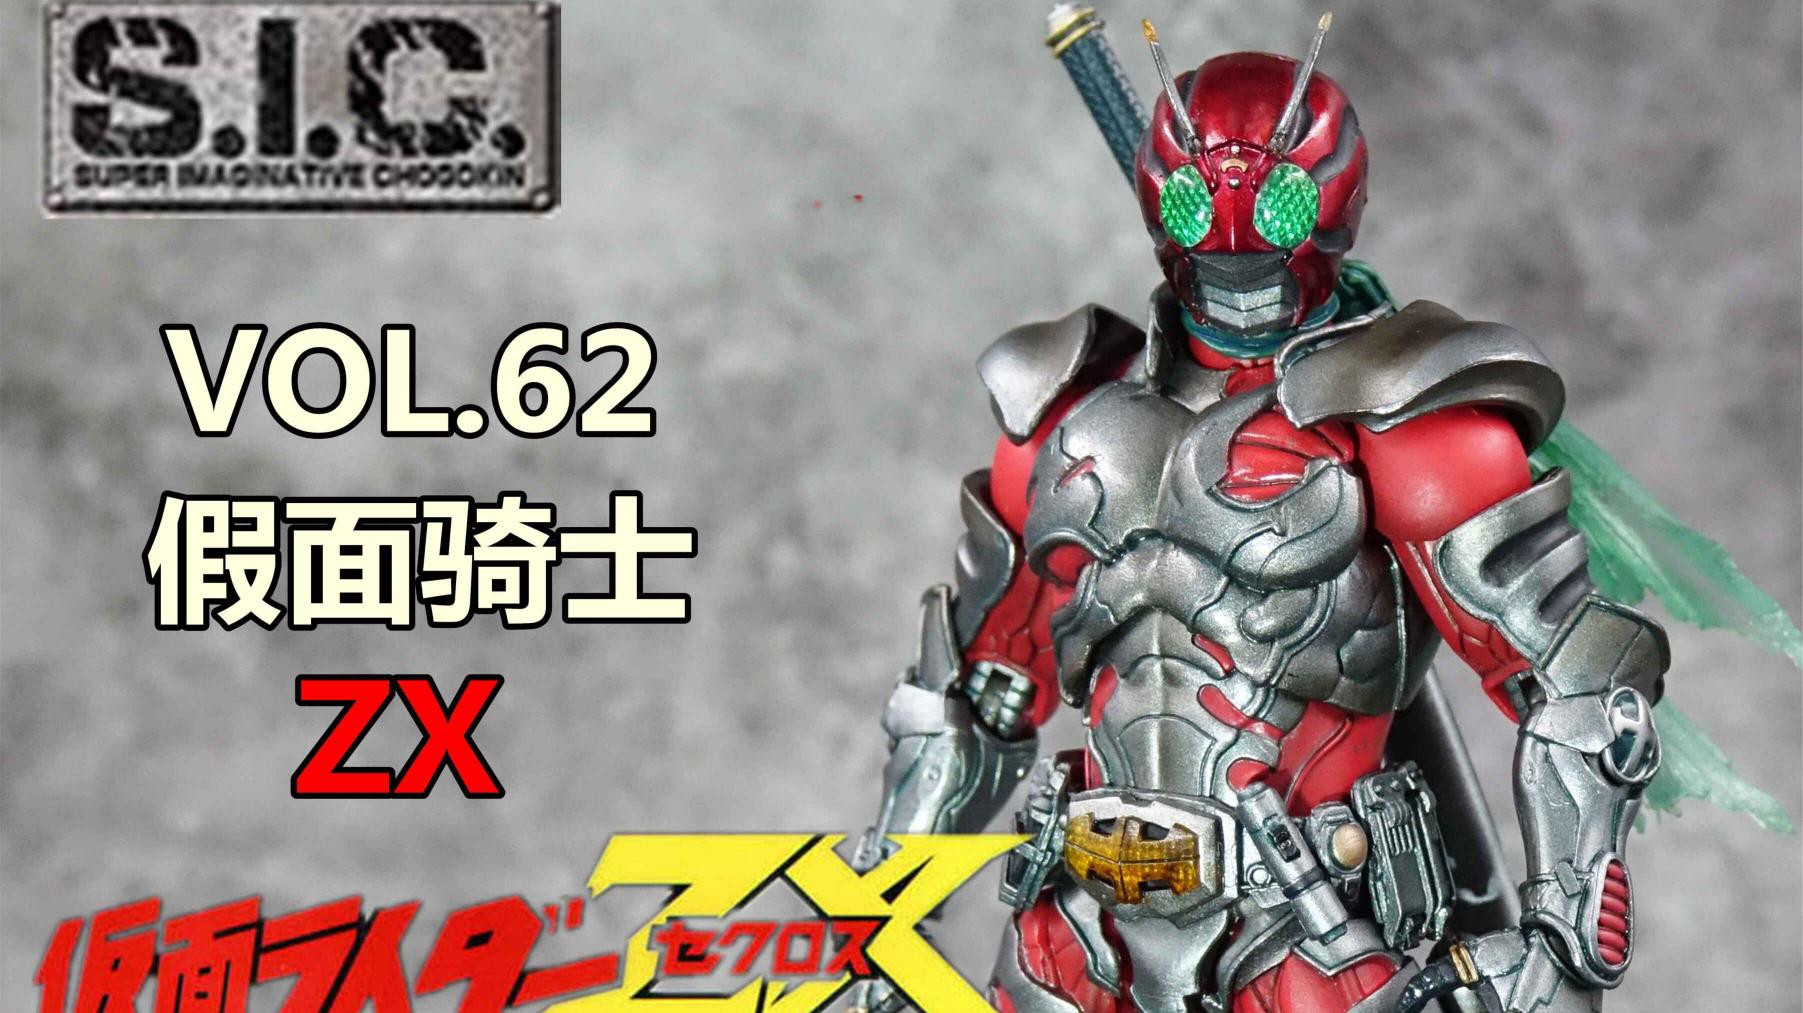 (测评)神的称号,ZX!SIC 62 假面骑士ZX